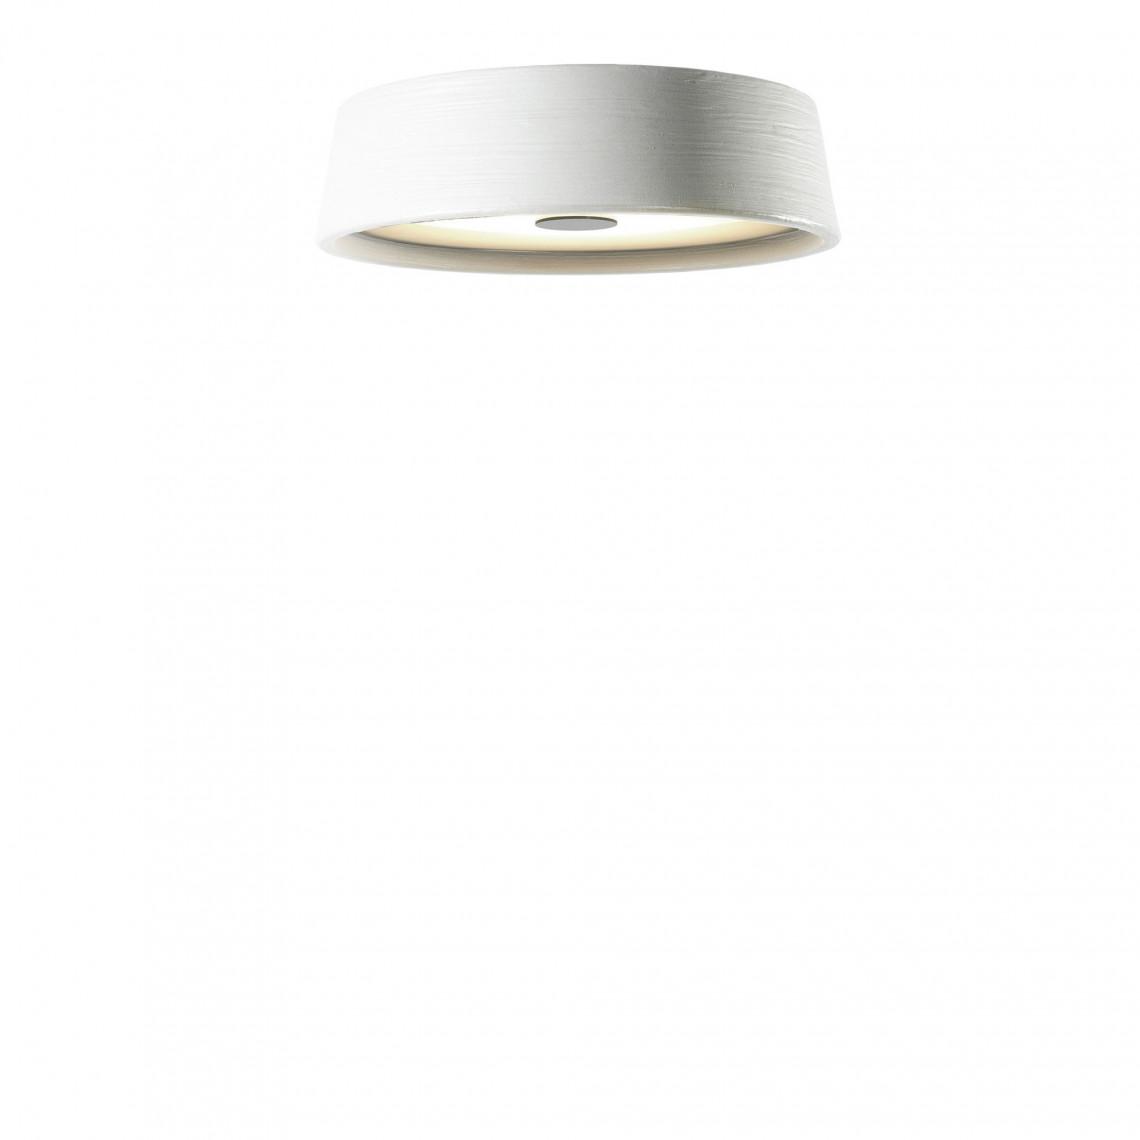 Soho C - Ceiling Lamp White